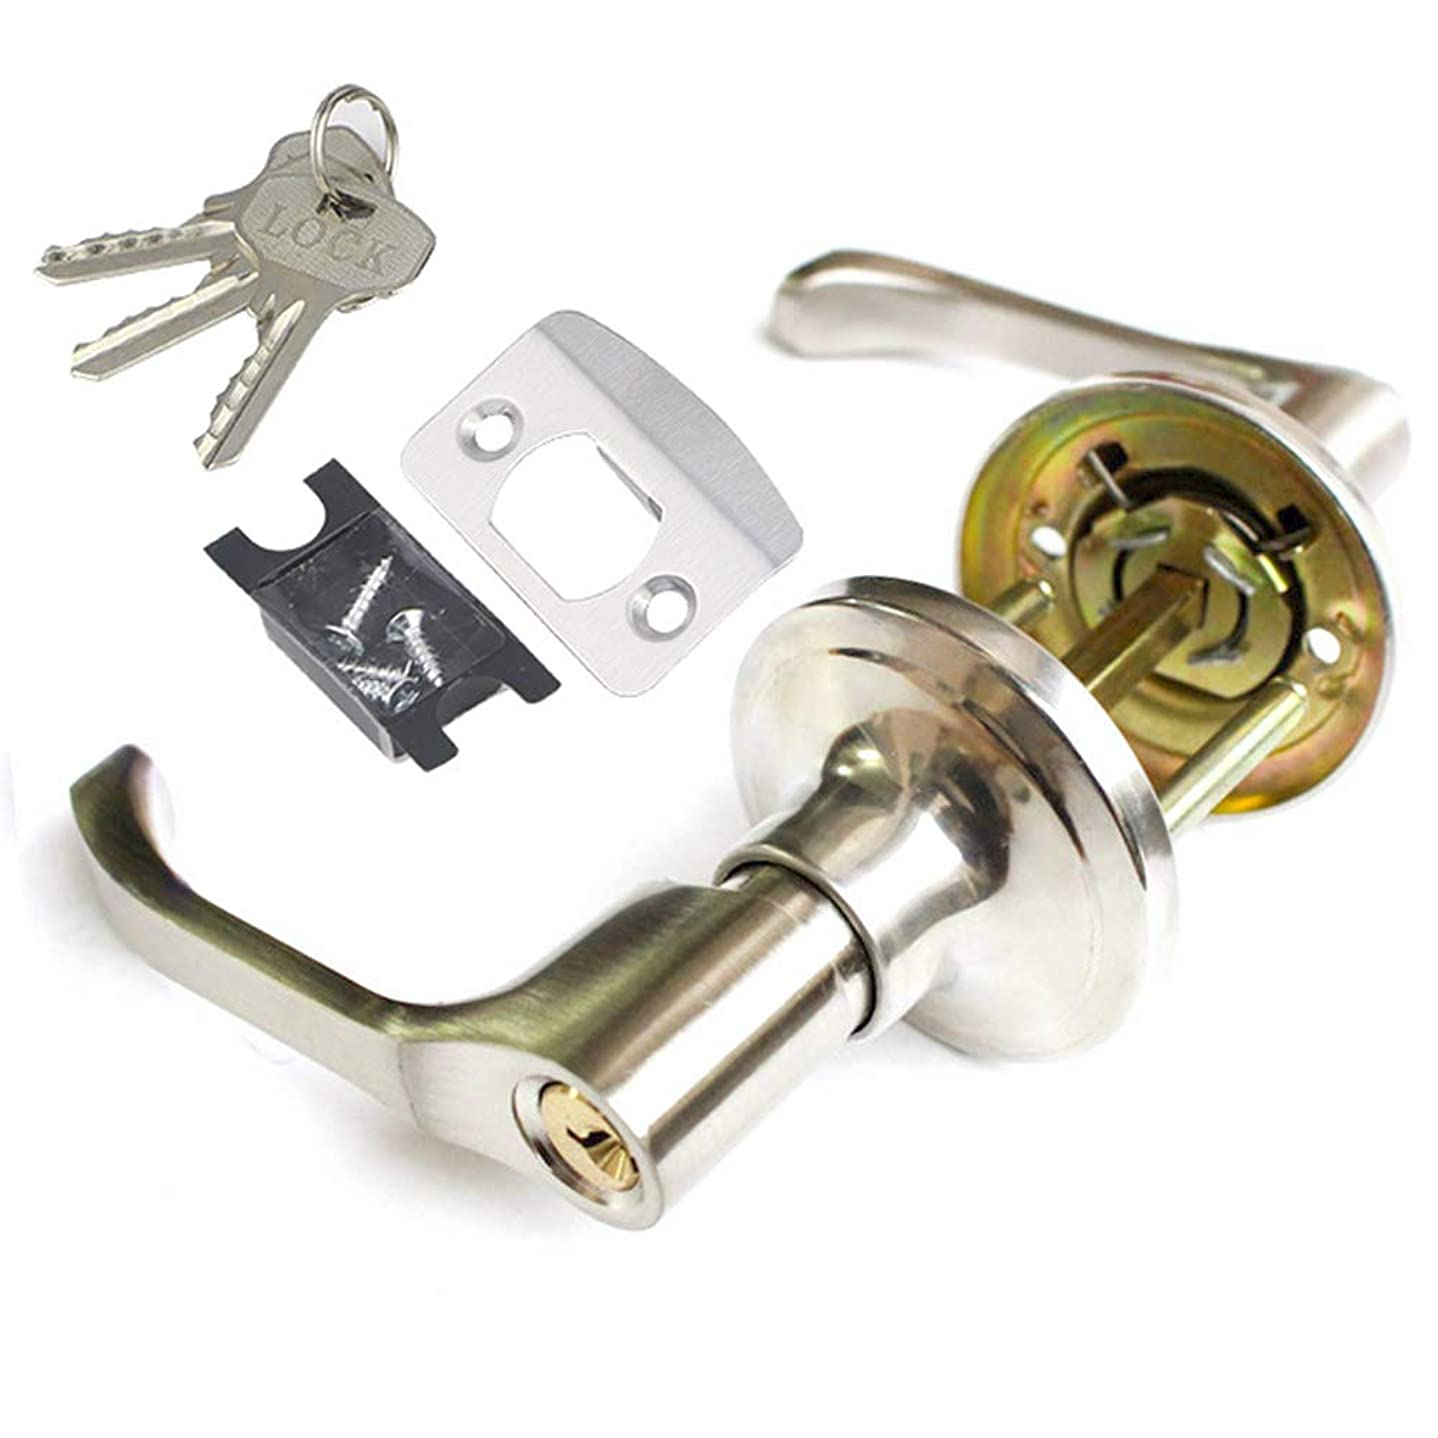 却下するスティック特別にレバー式ハンドロックは鍵が付く室内、リビングルームとキッチンに適用し、左右通用、ドア厚さ30-50mmデッドボルトは60mmあるいは70mmに調整可能